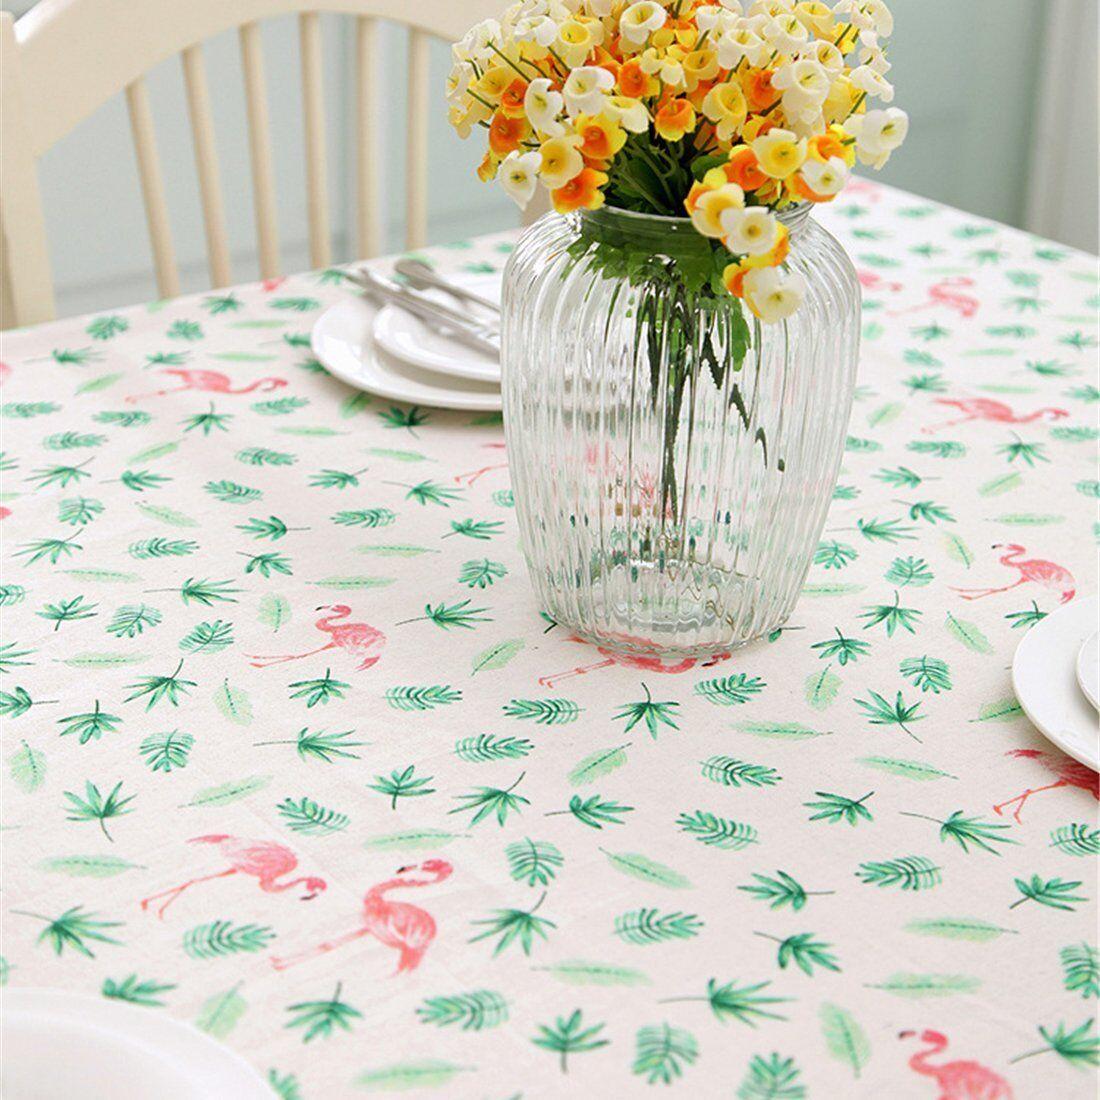 Flamingo Motiv Baumwolle Tischdecke Tischtuch Decke Küche Garten Wohnzimmer